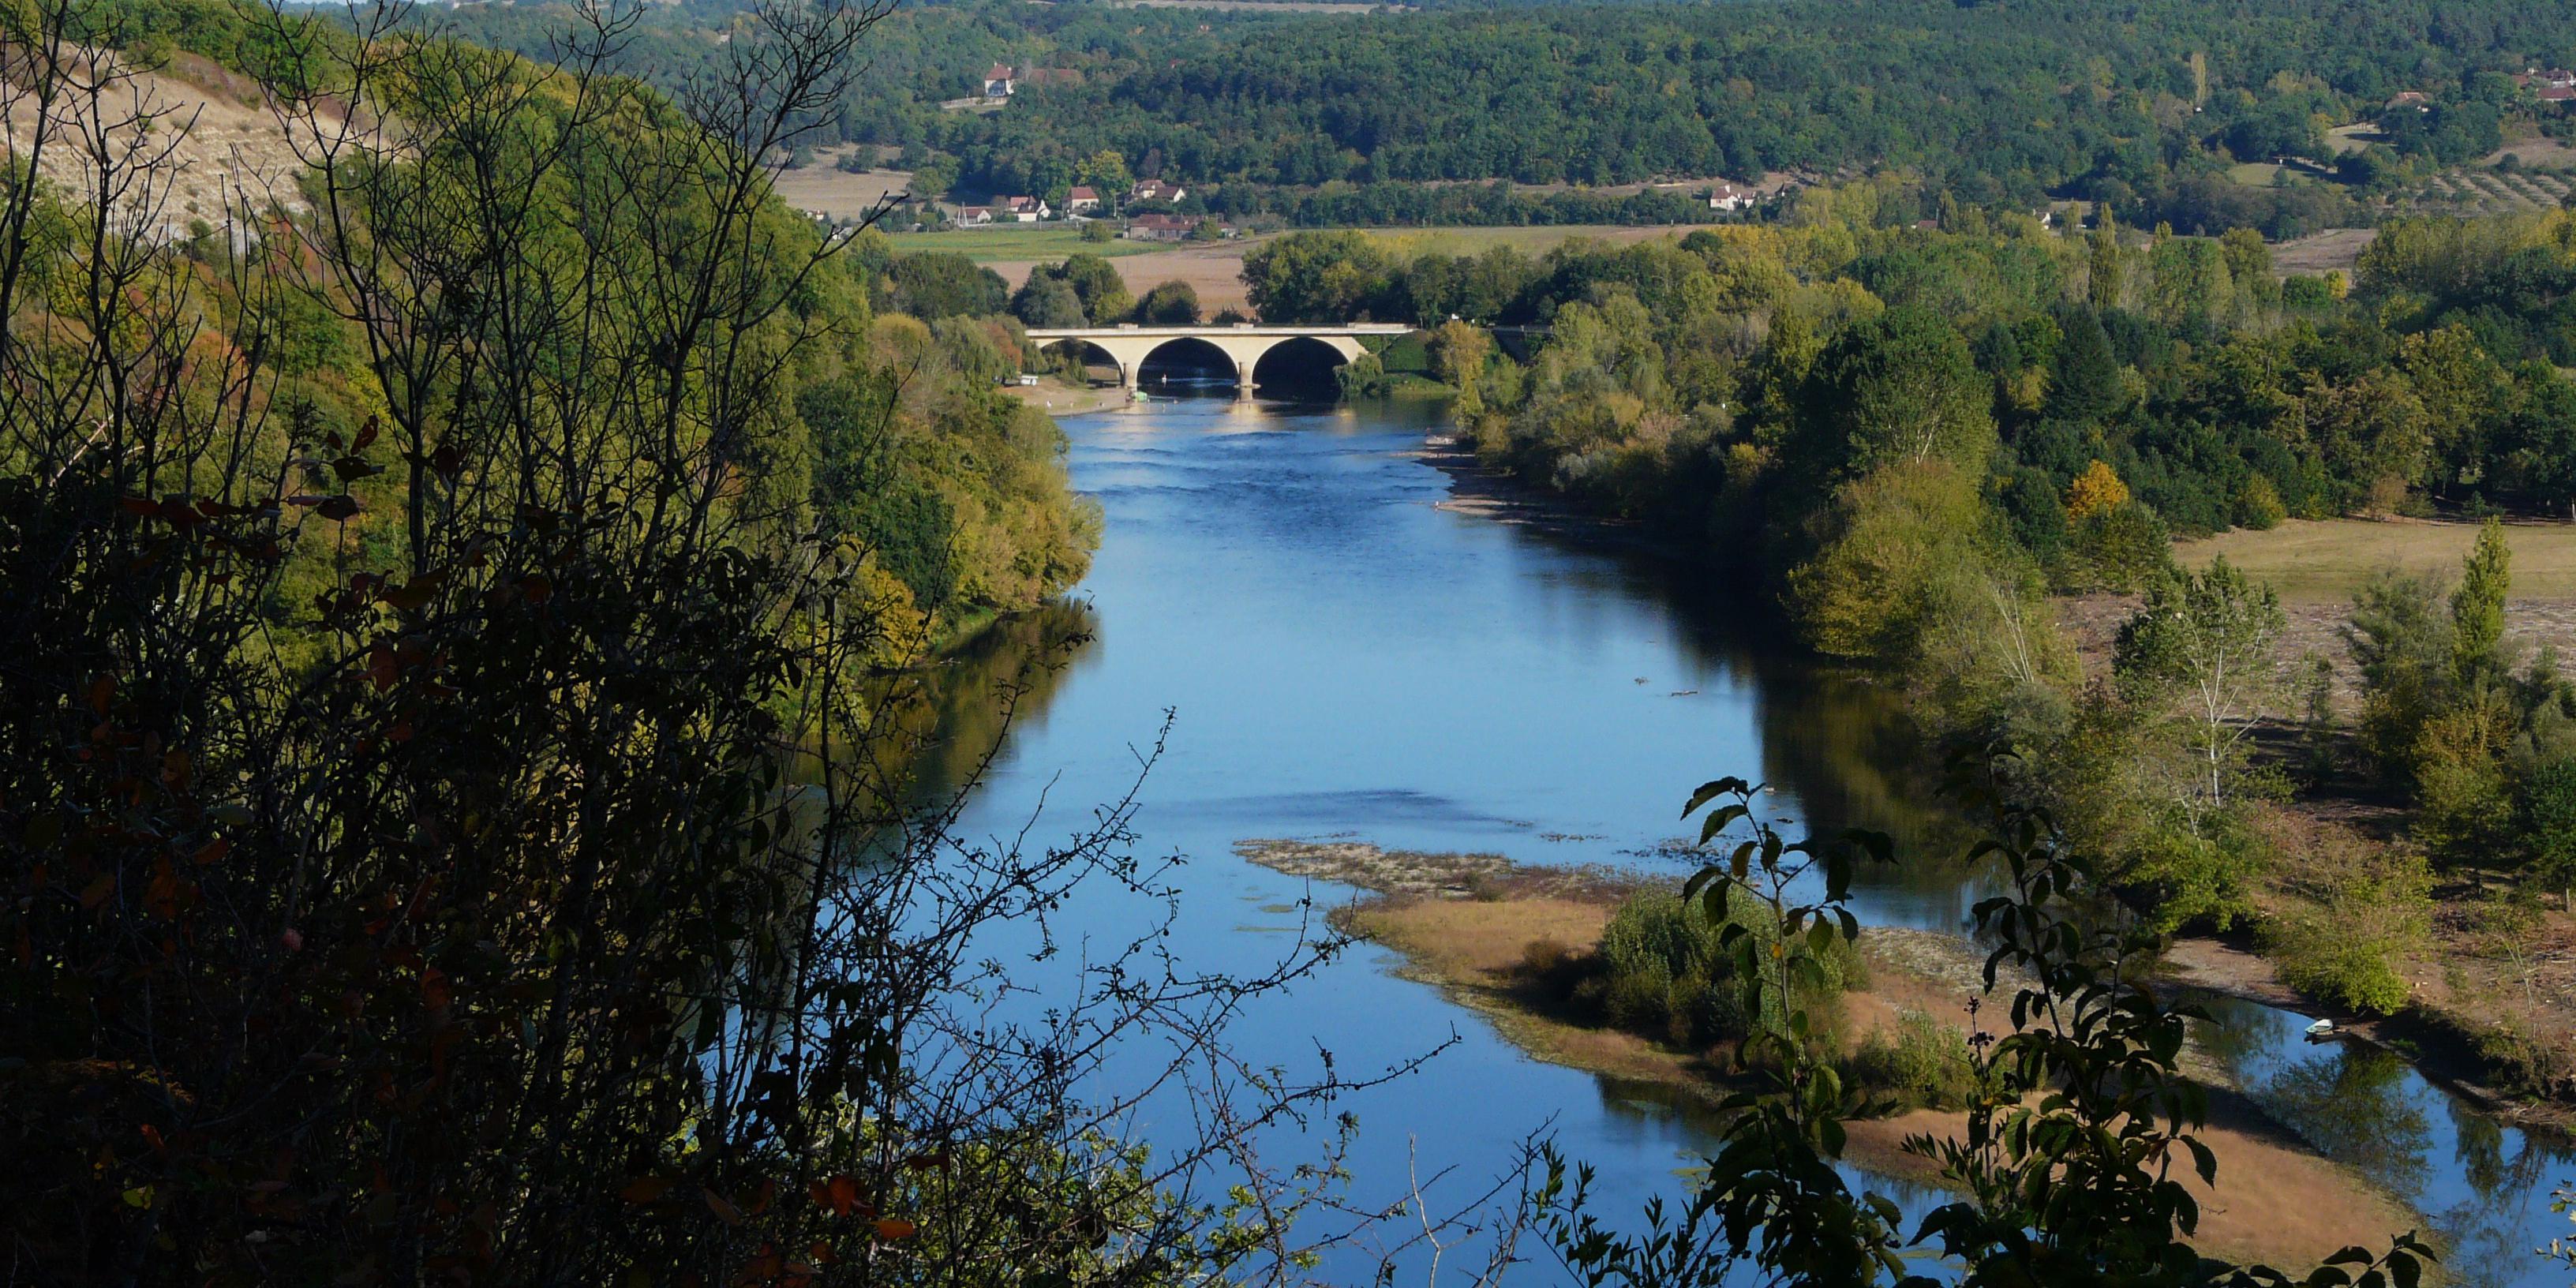 vezere river